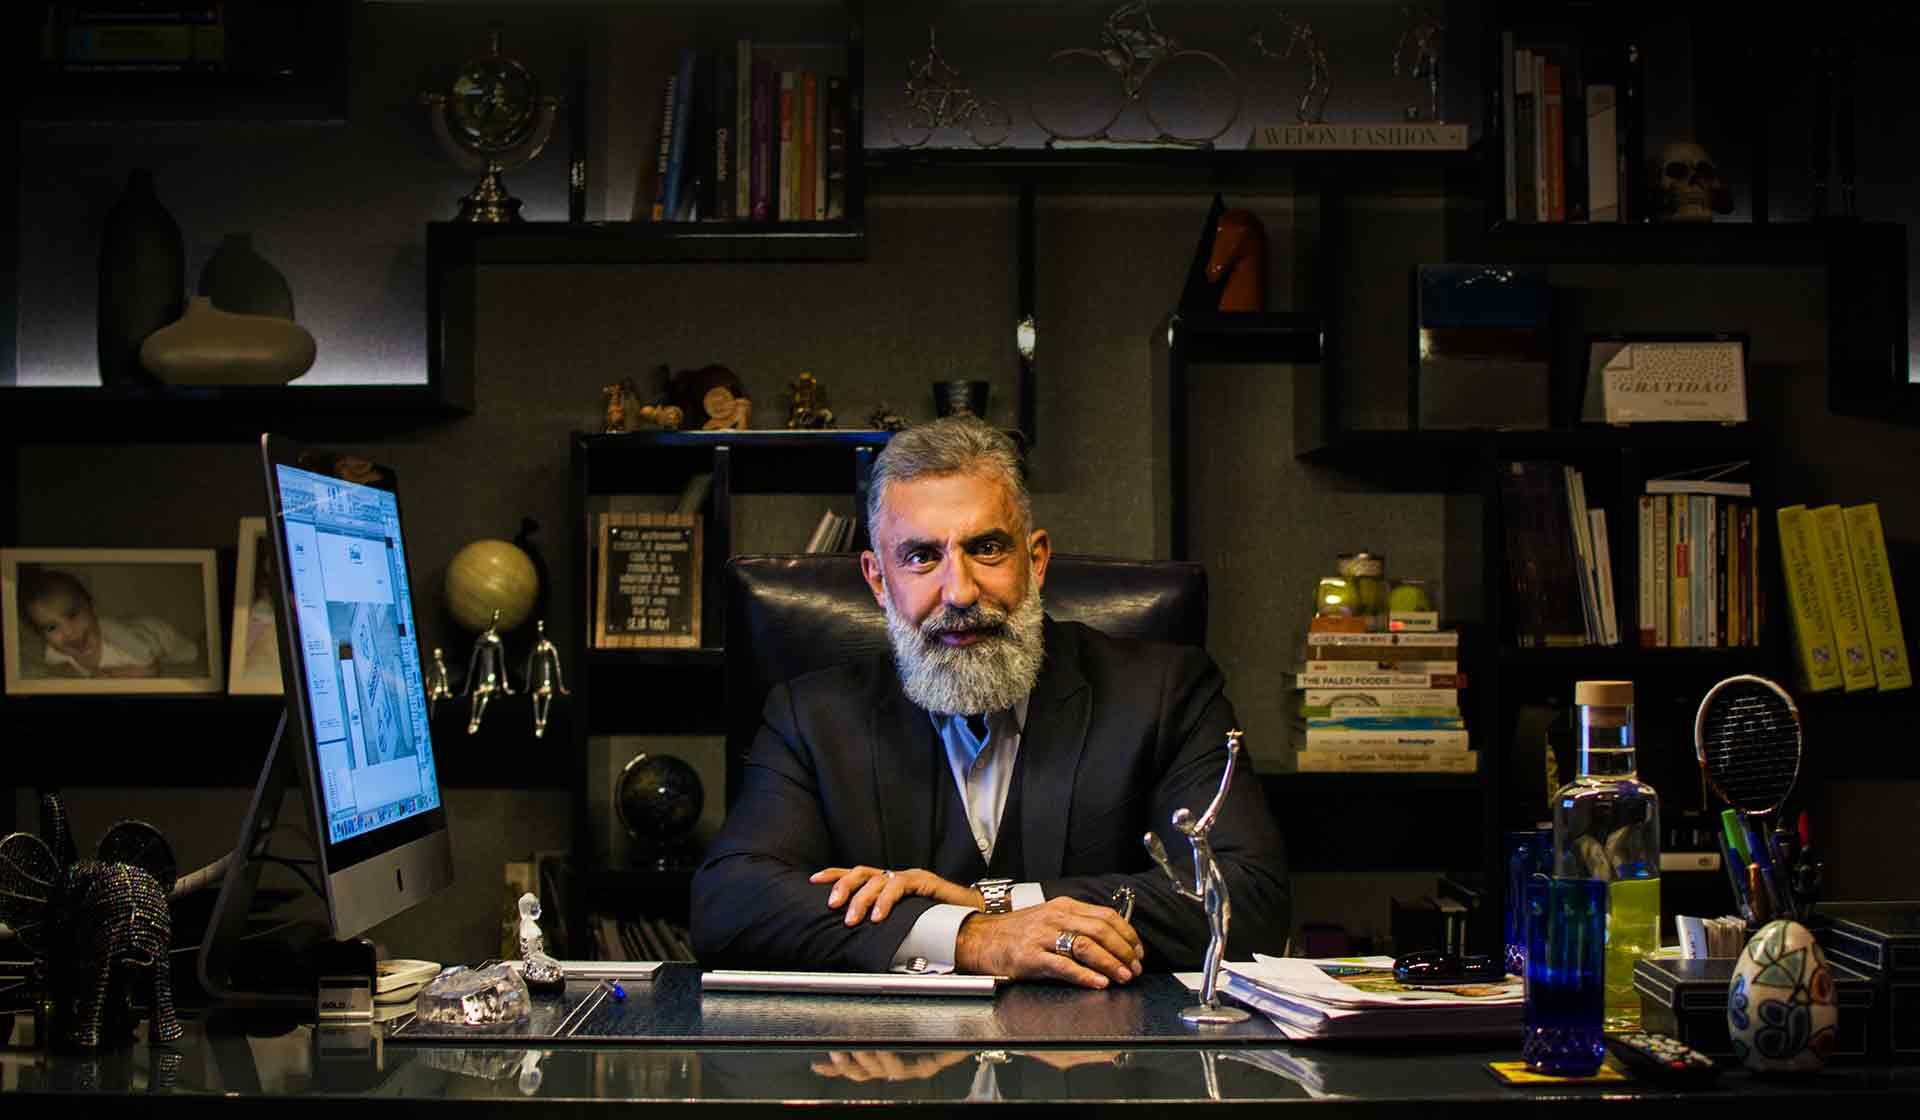 Quanto é uma consulta com o Dr. Barakat